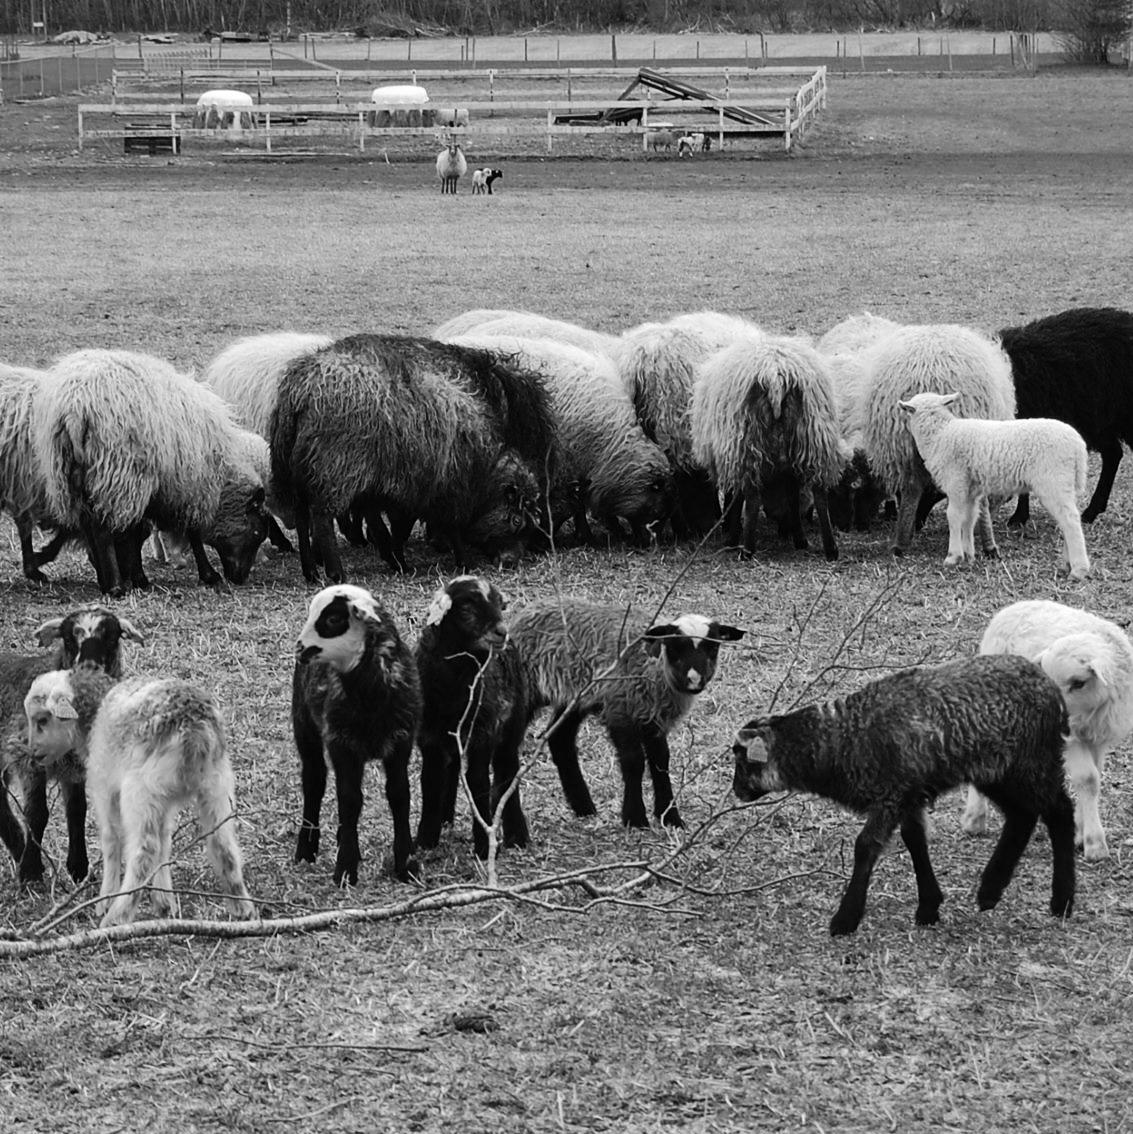 18.10.18SISTE FRIST FOR BESTILLING AV KJØT - Gjennom avtale med vårt lokale slakteri Ole Ringdal AS, får vi lammekjøt i retur no i oktober. Vi sel heile dyr som er grovpartert, og hentast heime hos oss på Tuentun. Forventa slaktevekt er 9-14 kg. Pris pr. kg er 130,-